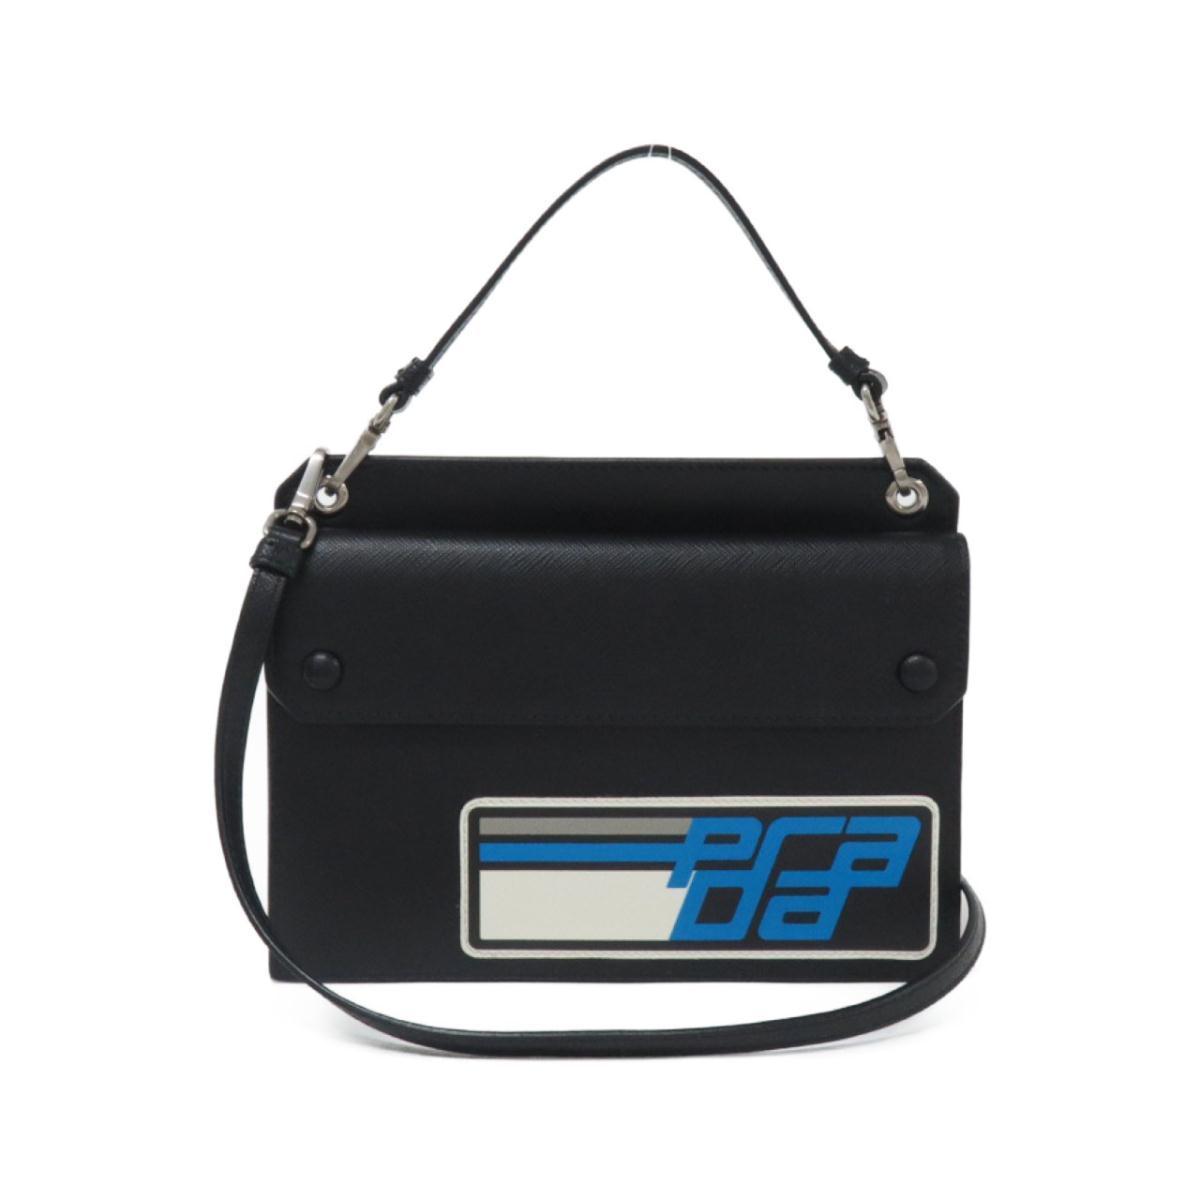 プラダ バッグ 1DH007【中古】